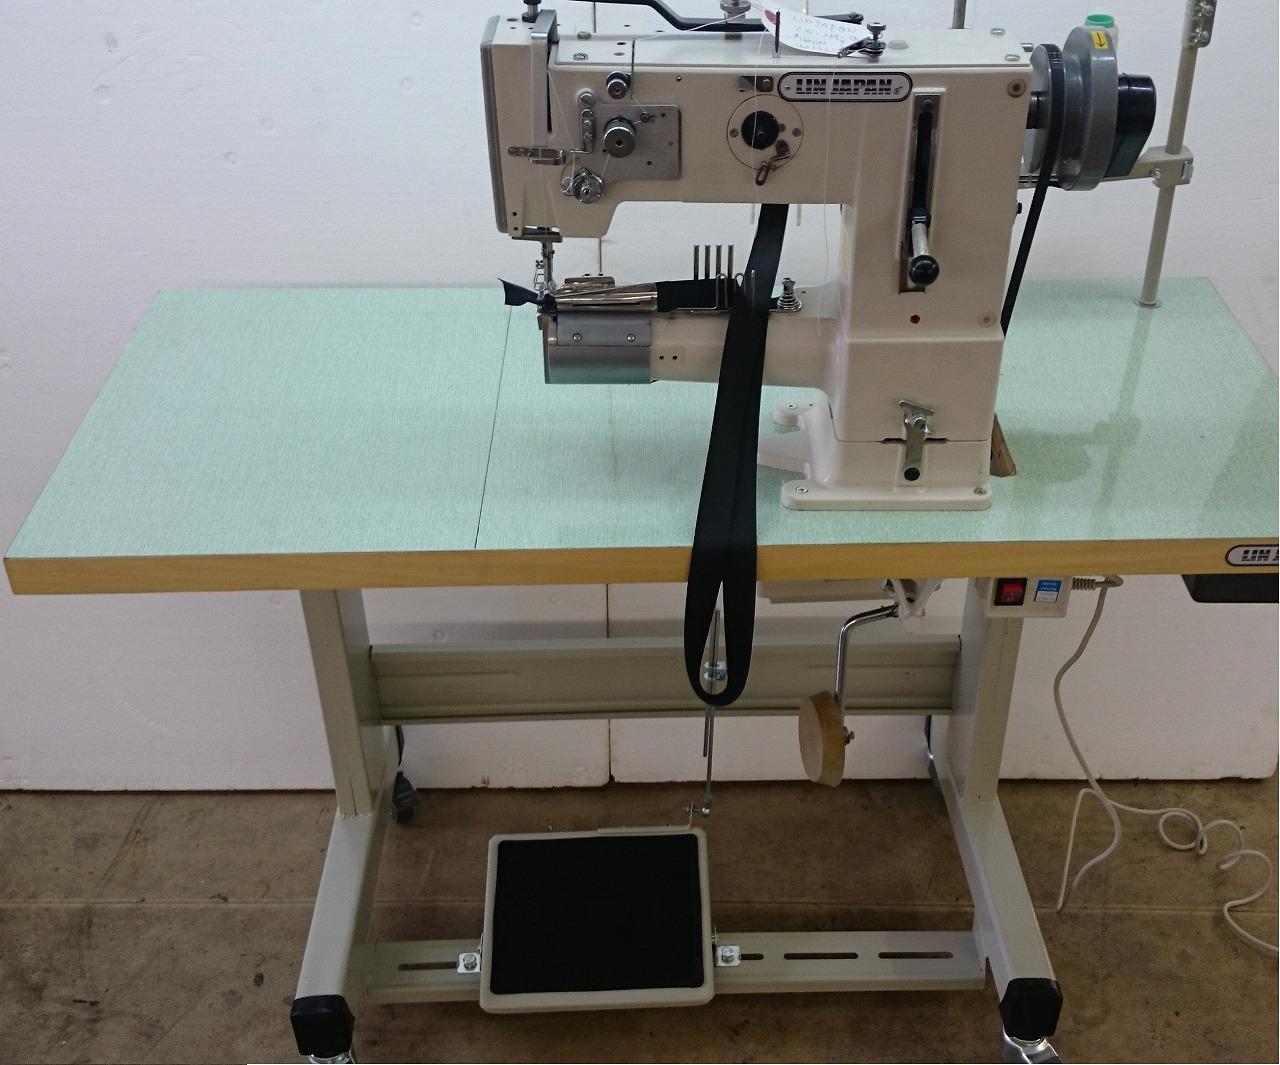 【新品】LINJAPAN リンジャパン SSM-CW-269-1B型 頭部のみ パイピングラッパ稼働式・テーブル・脚・モーターは別お見積りとなります。 マット・絨毯・カーマット等のパイピング縫製用1本針本縫い総合送り横筒型ミシン。